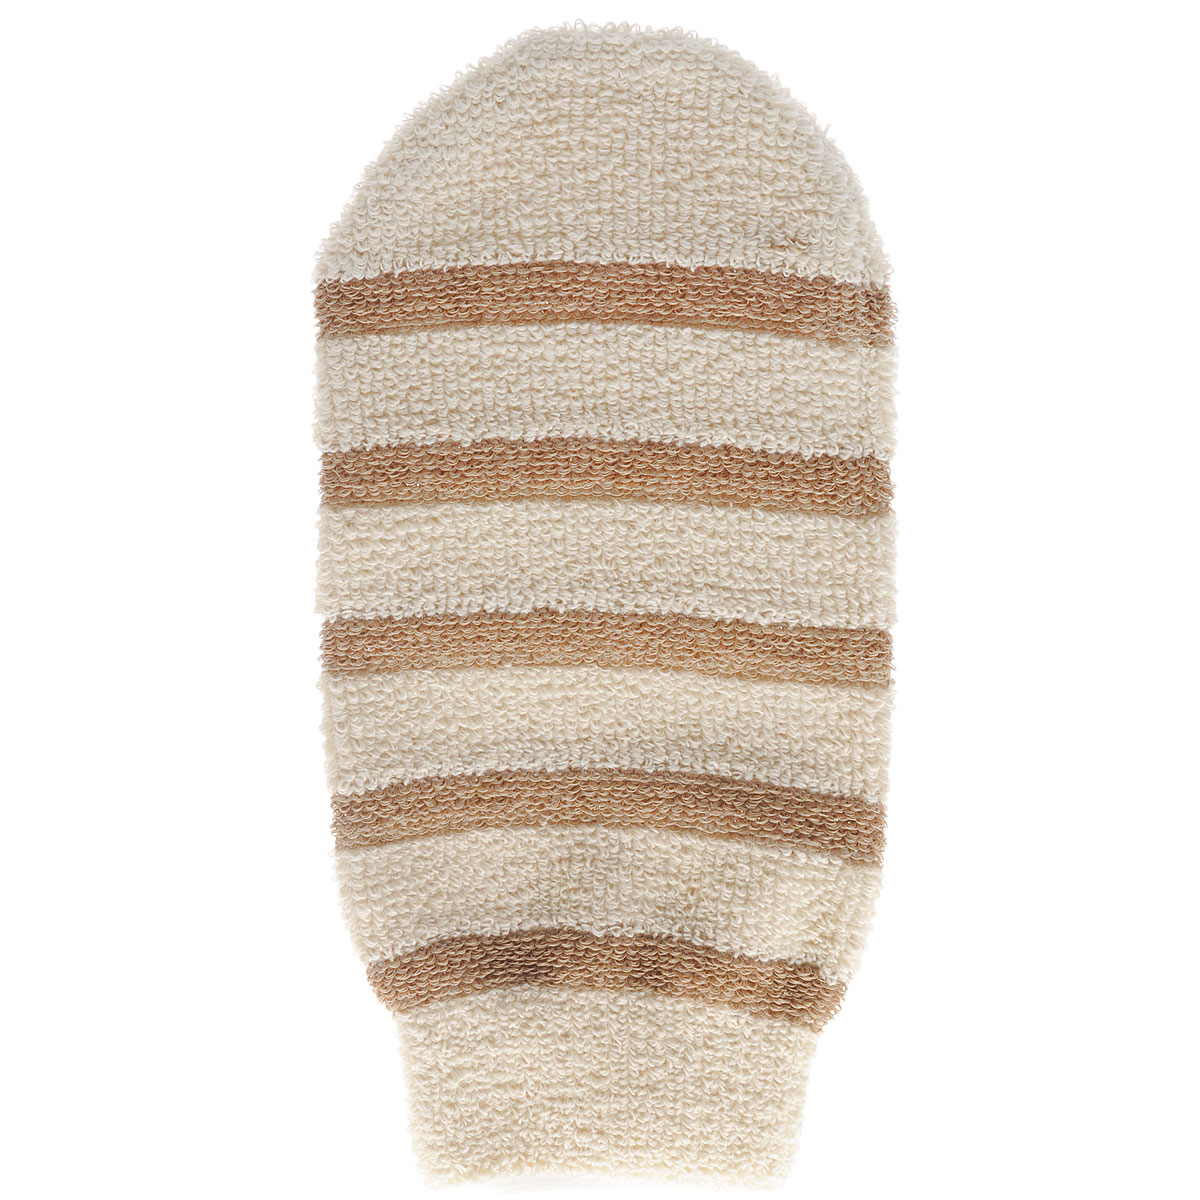 Мочалка-рукавица Riffi, с массажными полосками, цвет: бежевыйМ352Мочалка-рукавица Riffi применяется для мытья тела, благодаря массажным полоскам обладает активным пилинговым действием, тонизируя, массируя и эффективно очищая вашу кожу. Интенсивный и пощипывающий свежий массаж тела с применением мочалки Riffi усиливает кровообращение, активирует кровоснабжение и улучшает общее самочувствие. Благодаря отшелушивающему эффекту, кожа освобождается от отмерших клеток, становится гладкой, упругой и свежей. Мочалка-рукавица Riffi приносит приятное расслабление всему организму. Борется с болями и спазмами в мышцах, а также эффективно предупреждает образование целлюлита. Состав: 85% хлопок, 15% полиэтилен. Товар сертифицирован.